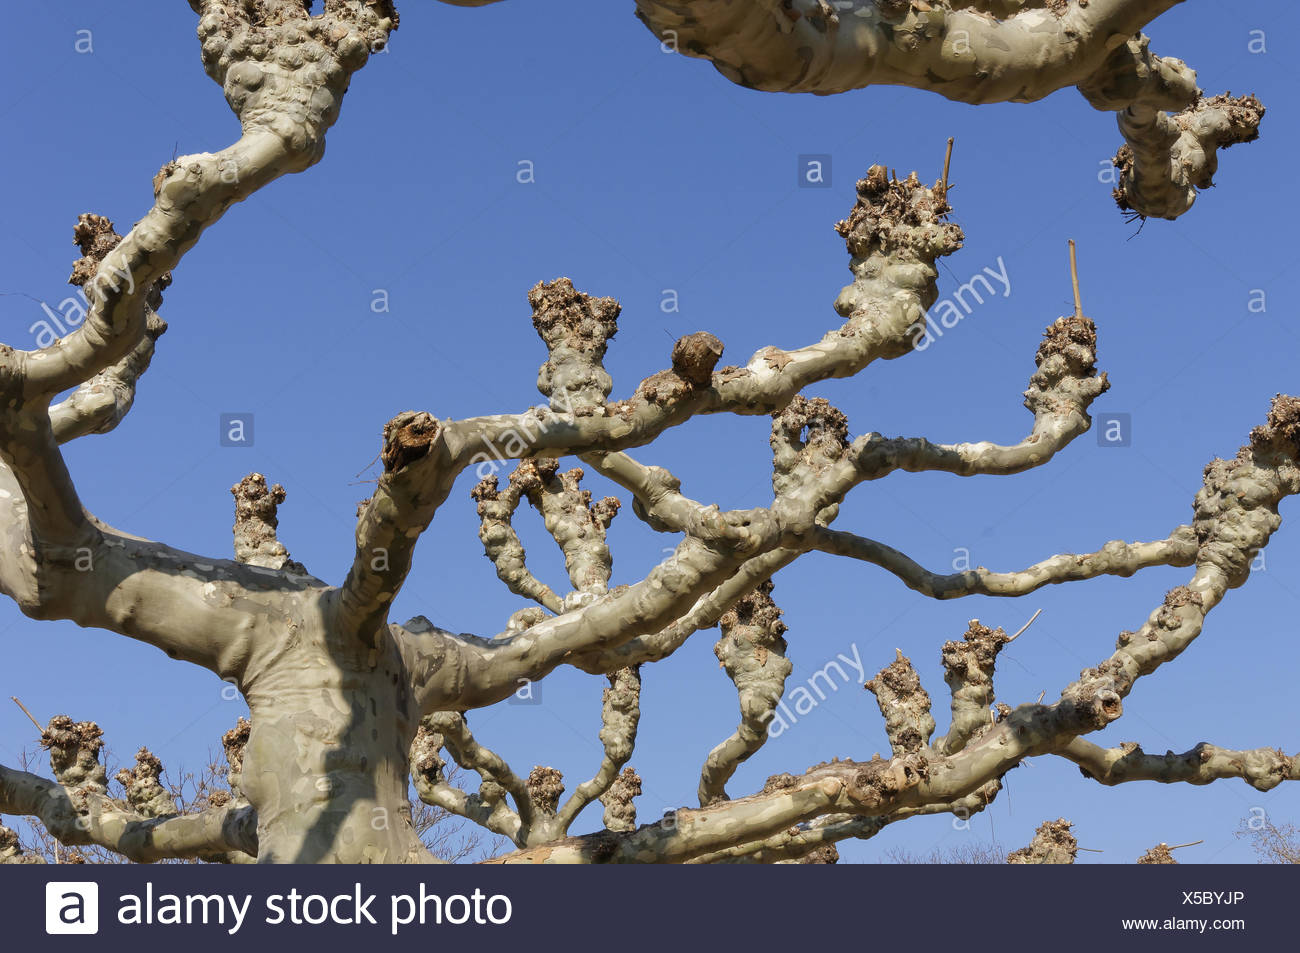 Tree views - Stock Image